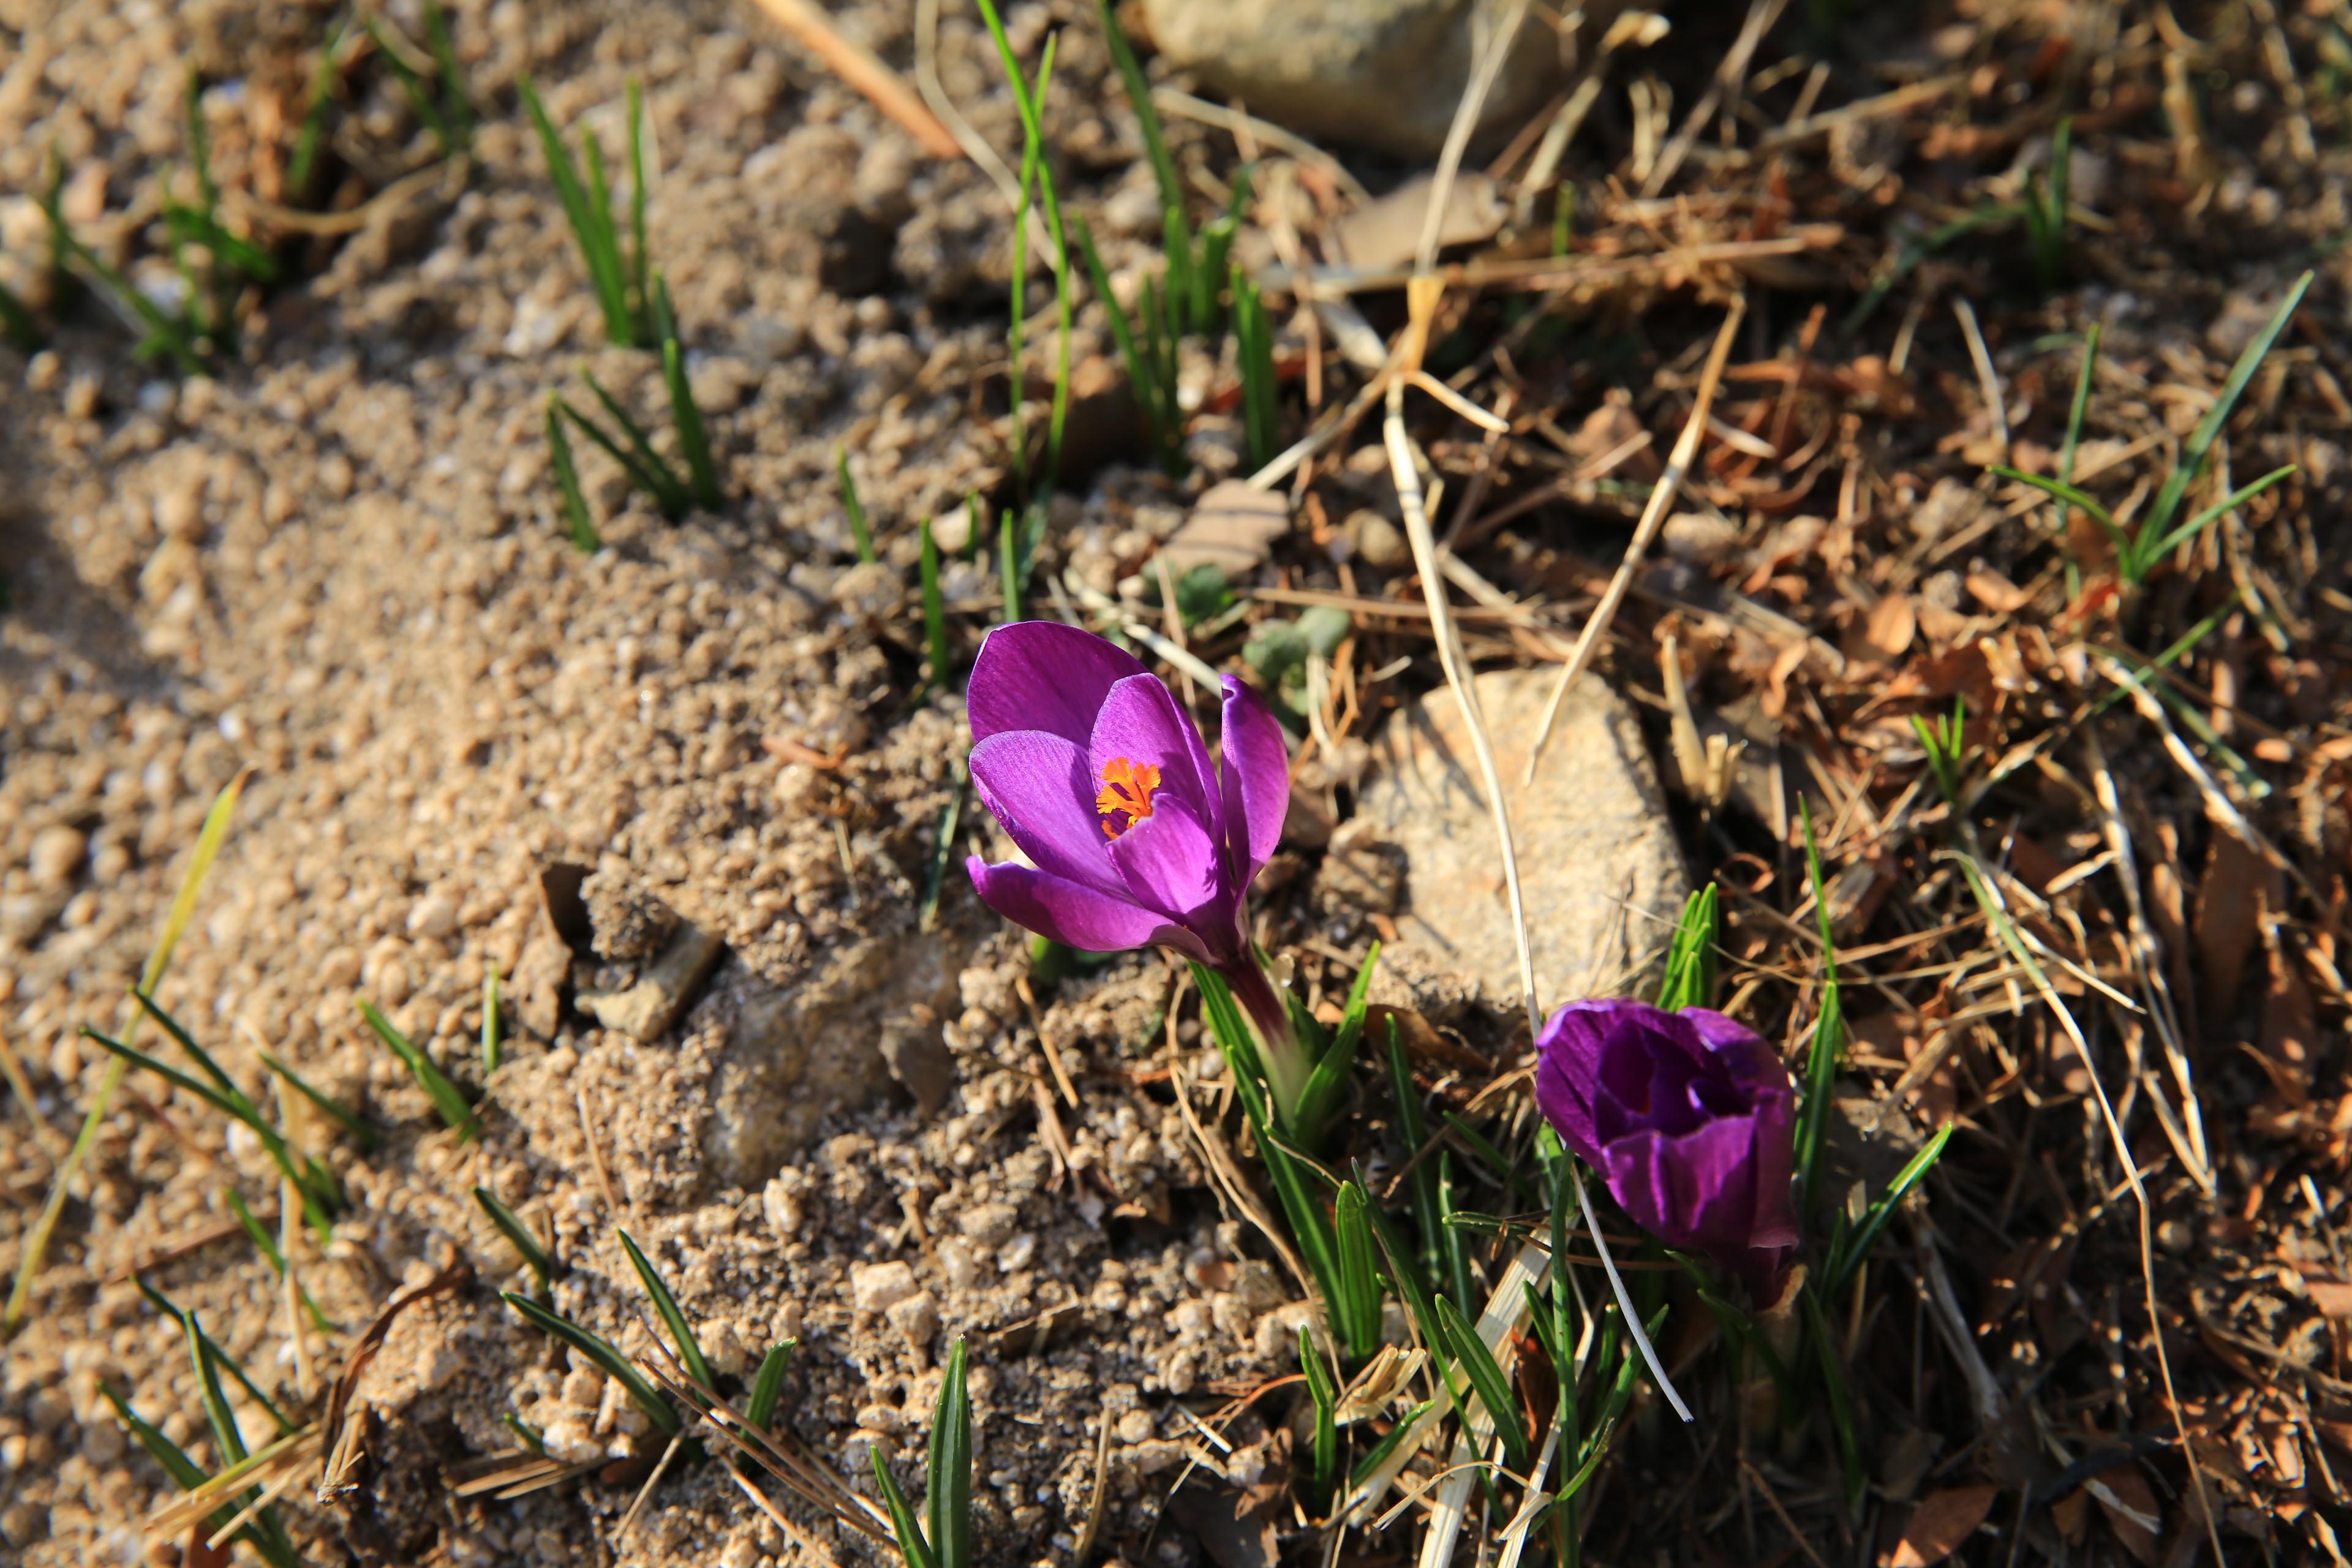 가평여행코스 야생화 봄꽃 데이트 아침고요수목원